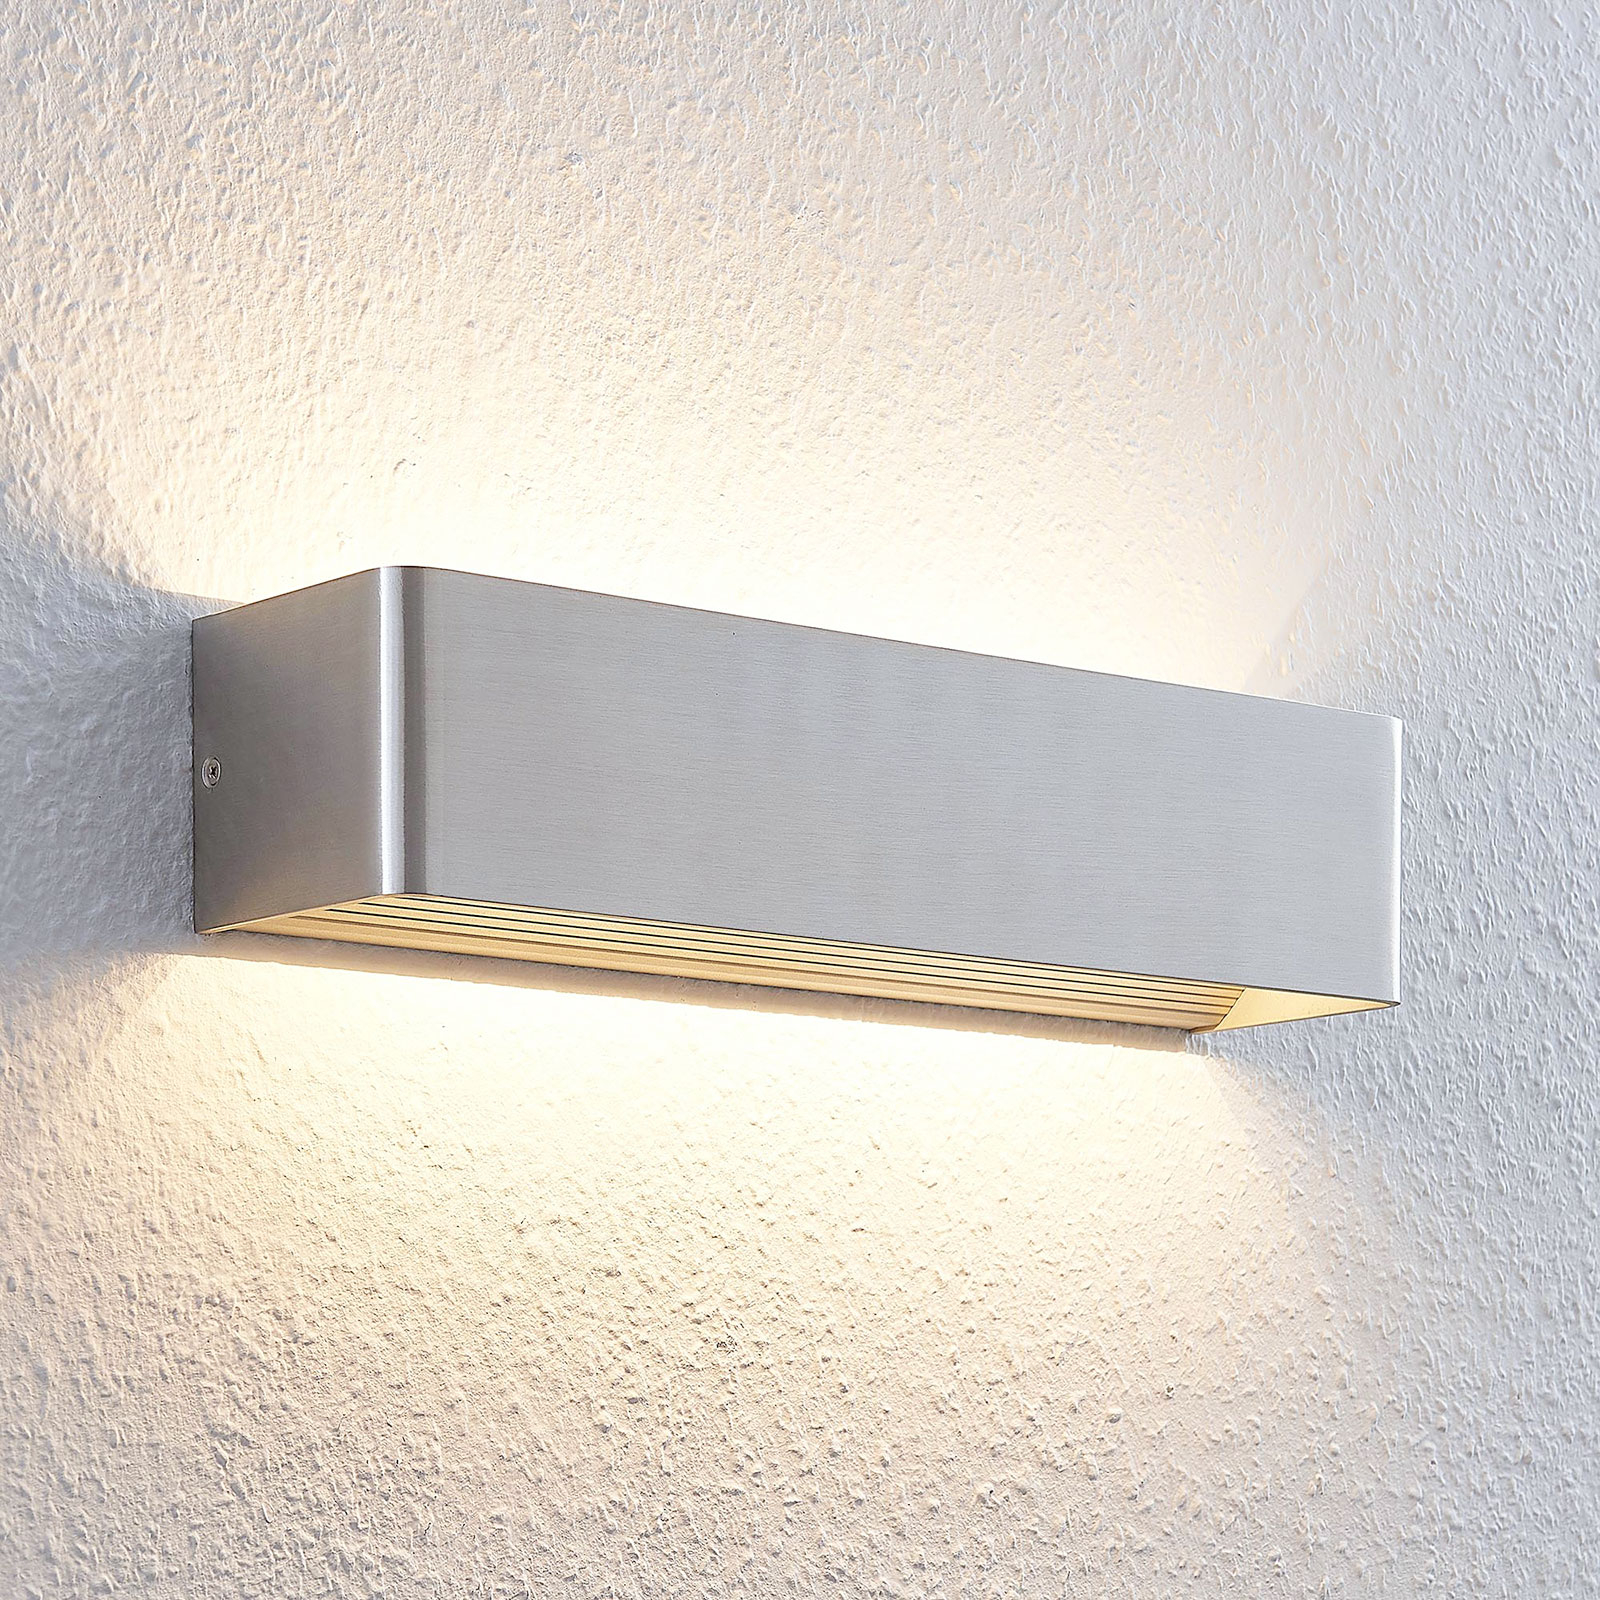 Lonisa – kaunista valoa tuottava LED-seinävalaisin